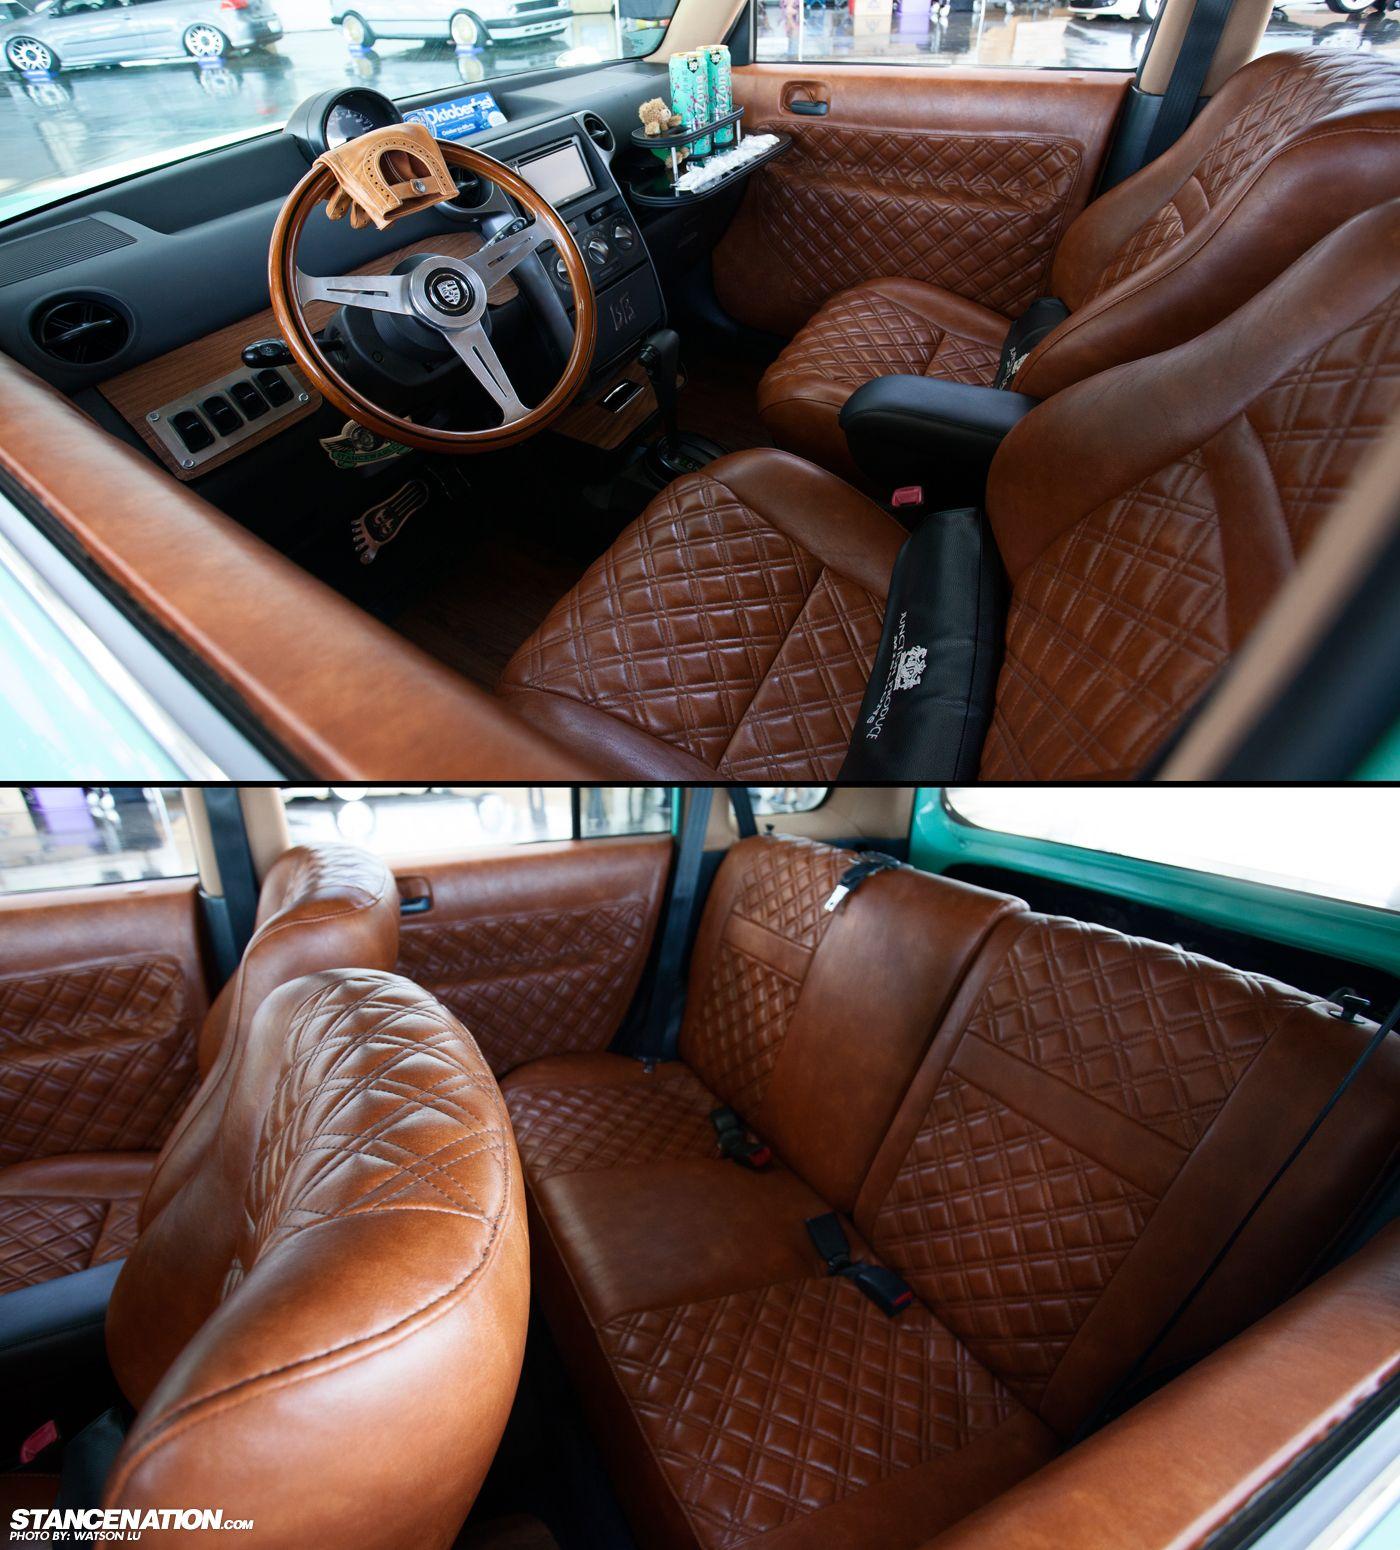 190 Scion Xb Ideas Scion Xb Scion Toyota Scion Xb